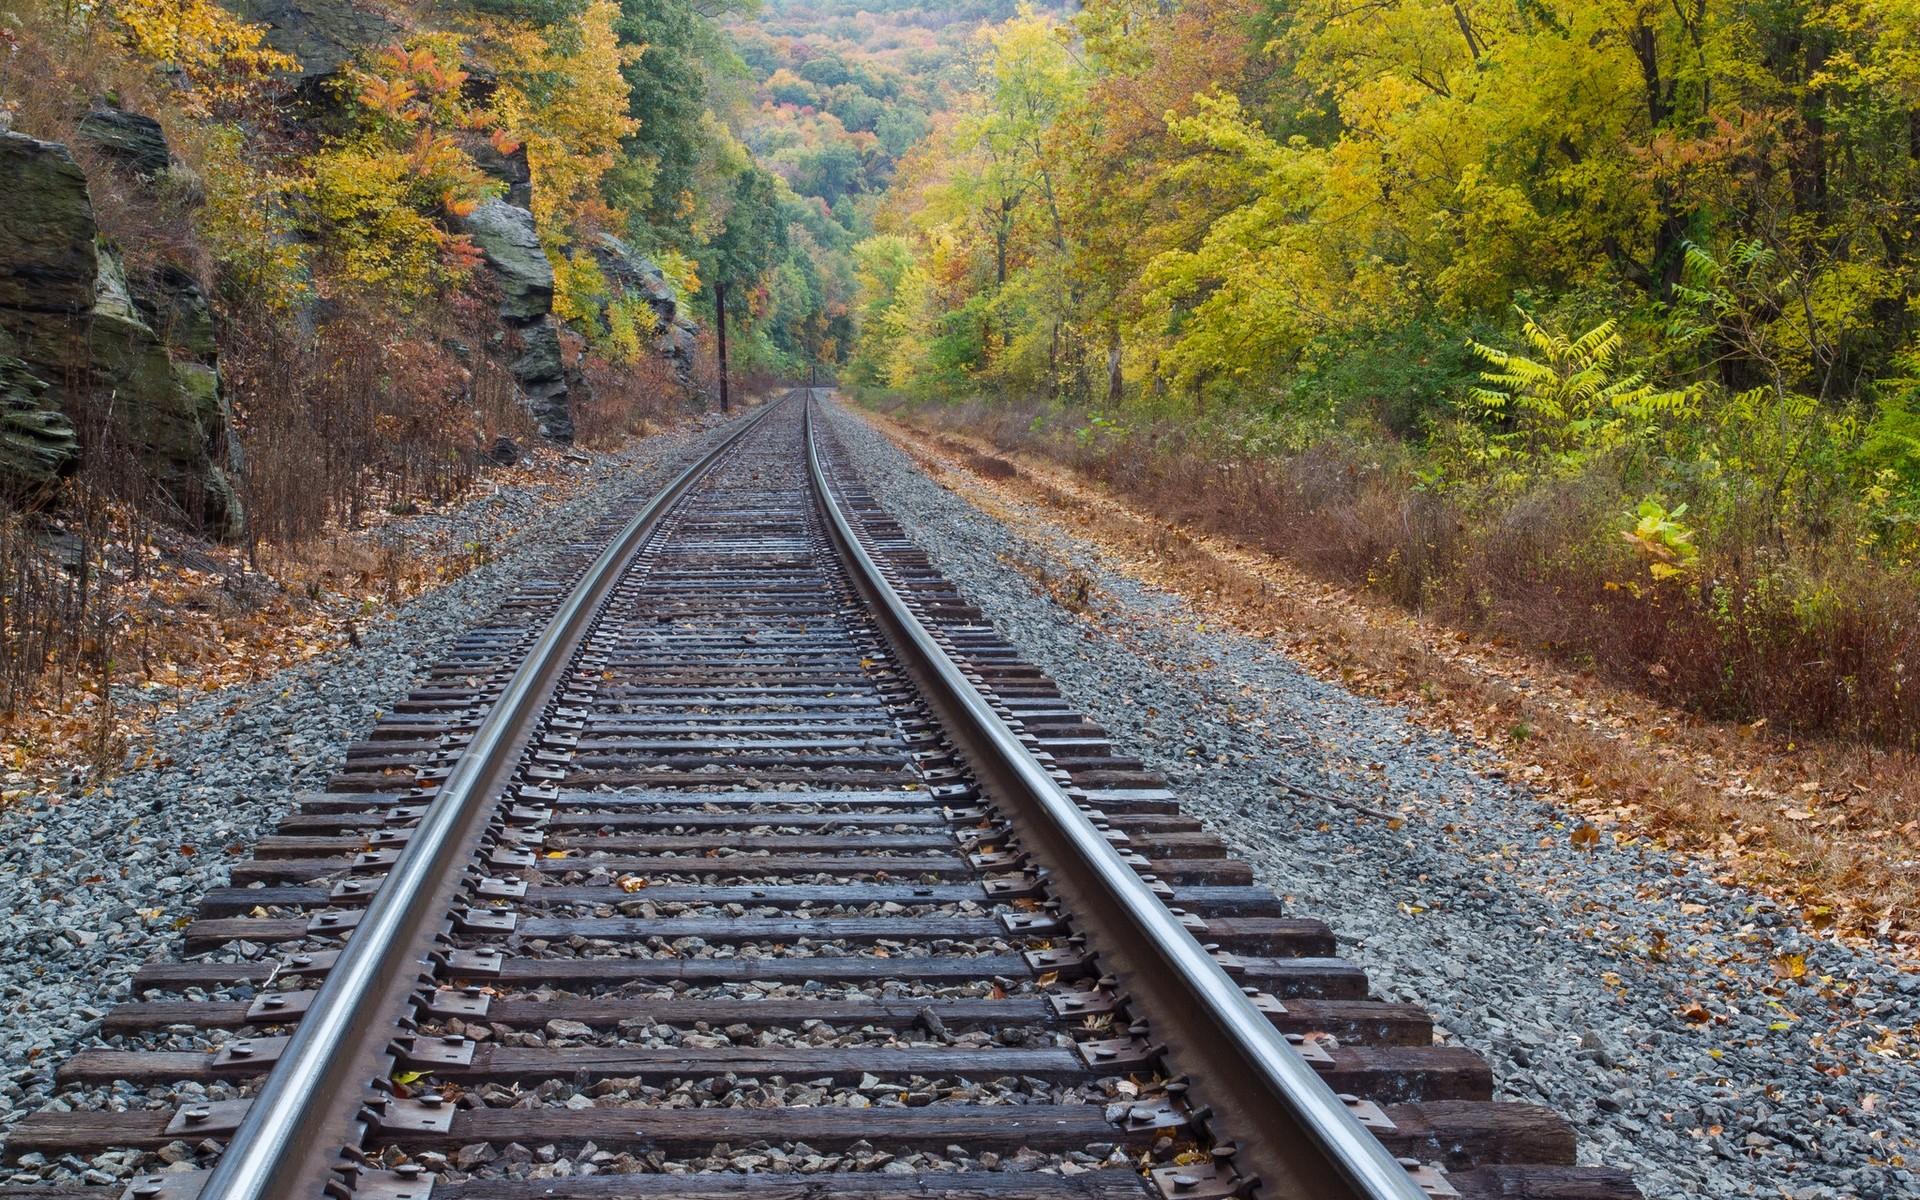 как фотографировать железную дорогу камасутра твердом глянцевом